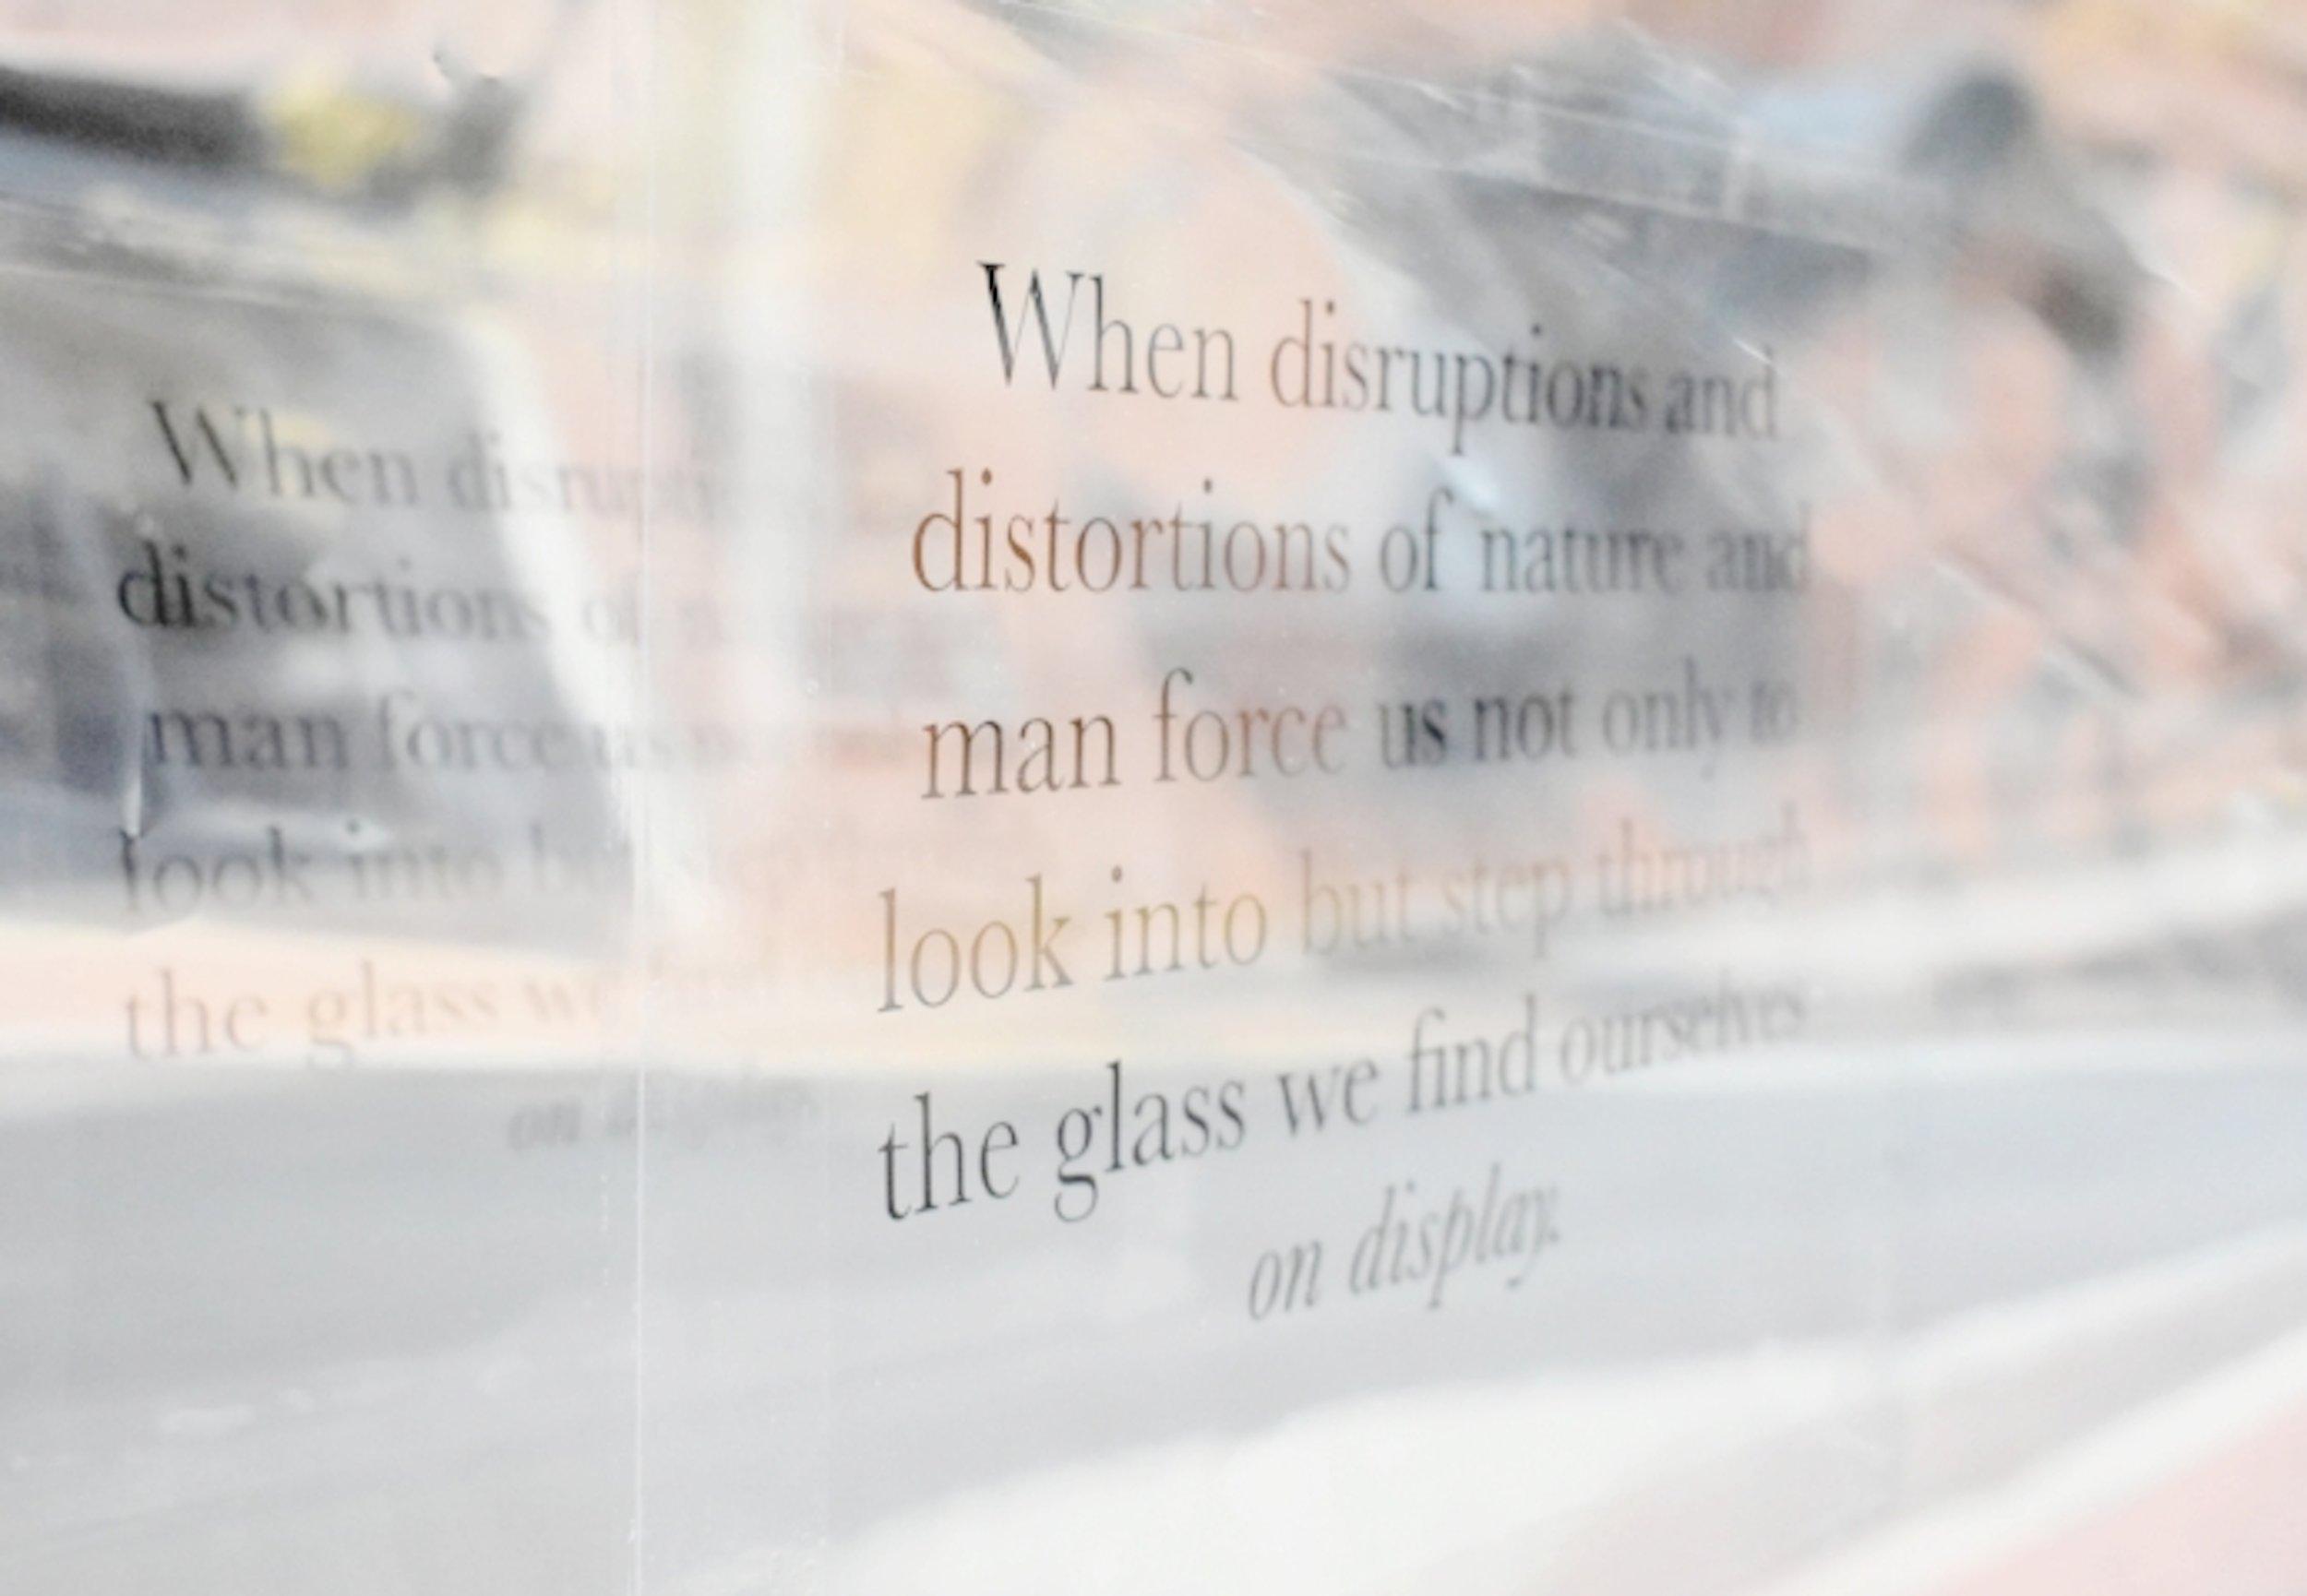 On Display (2017). Window installation by Robyn Thomas.